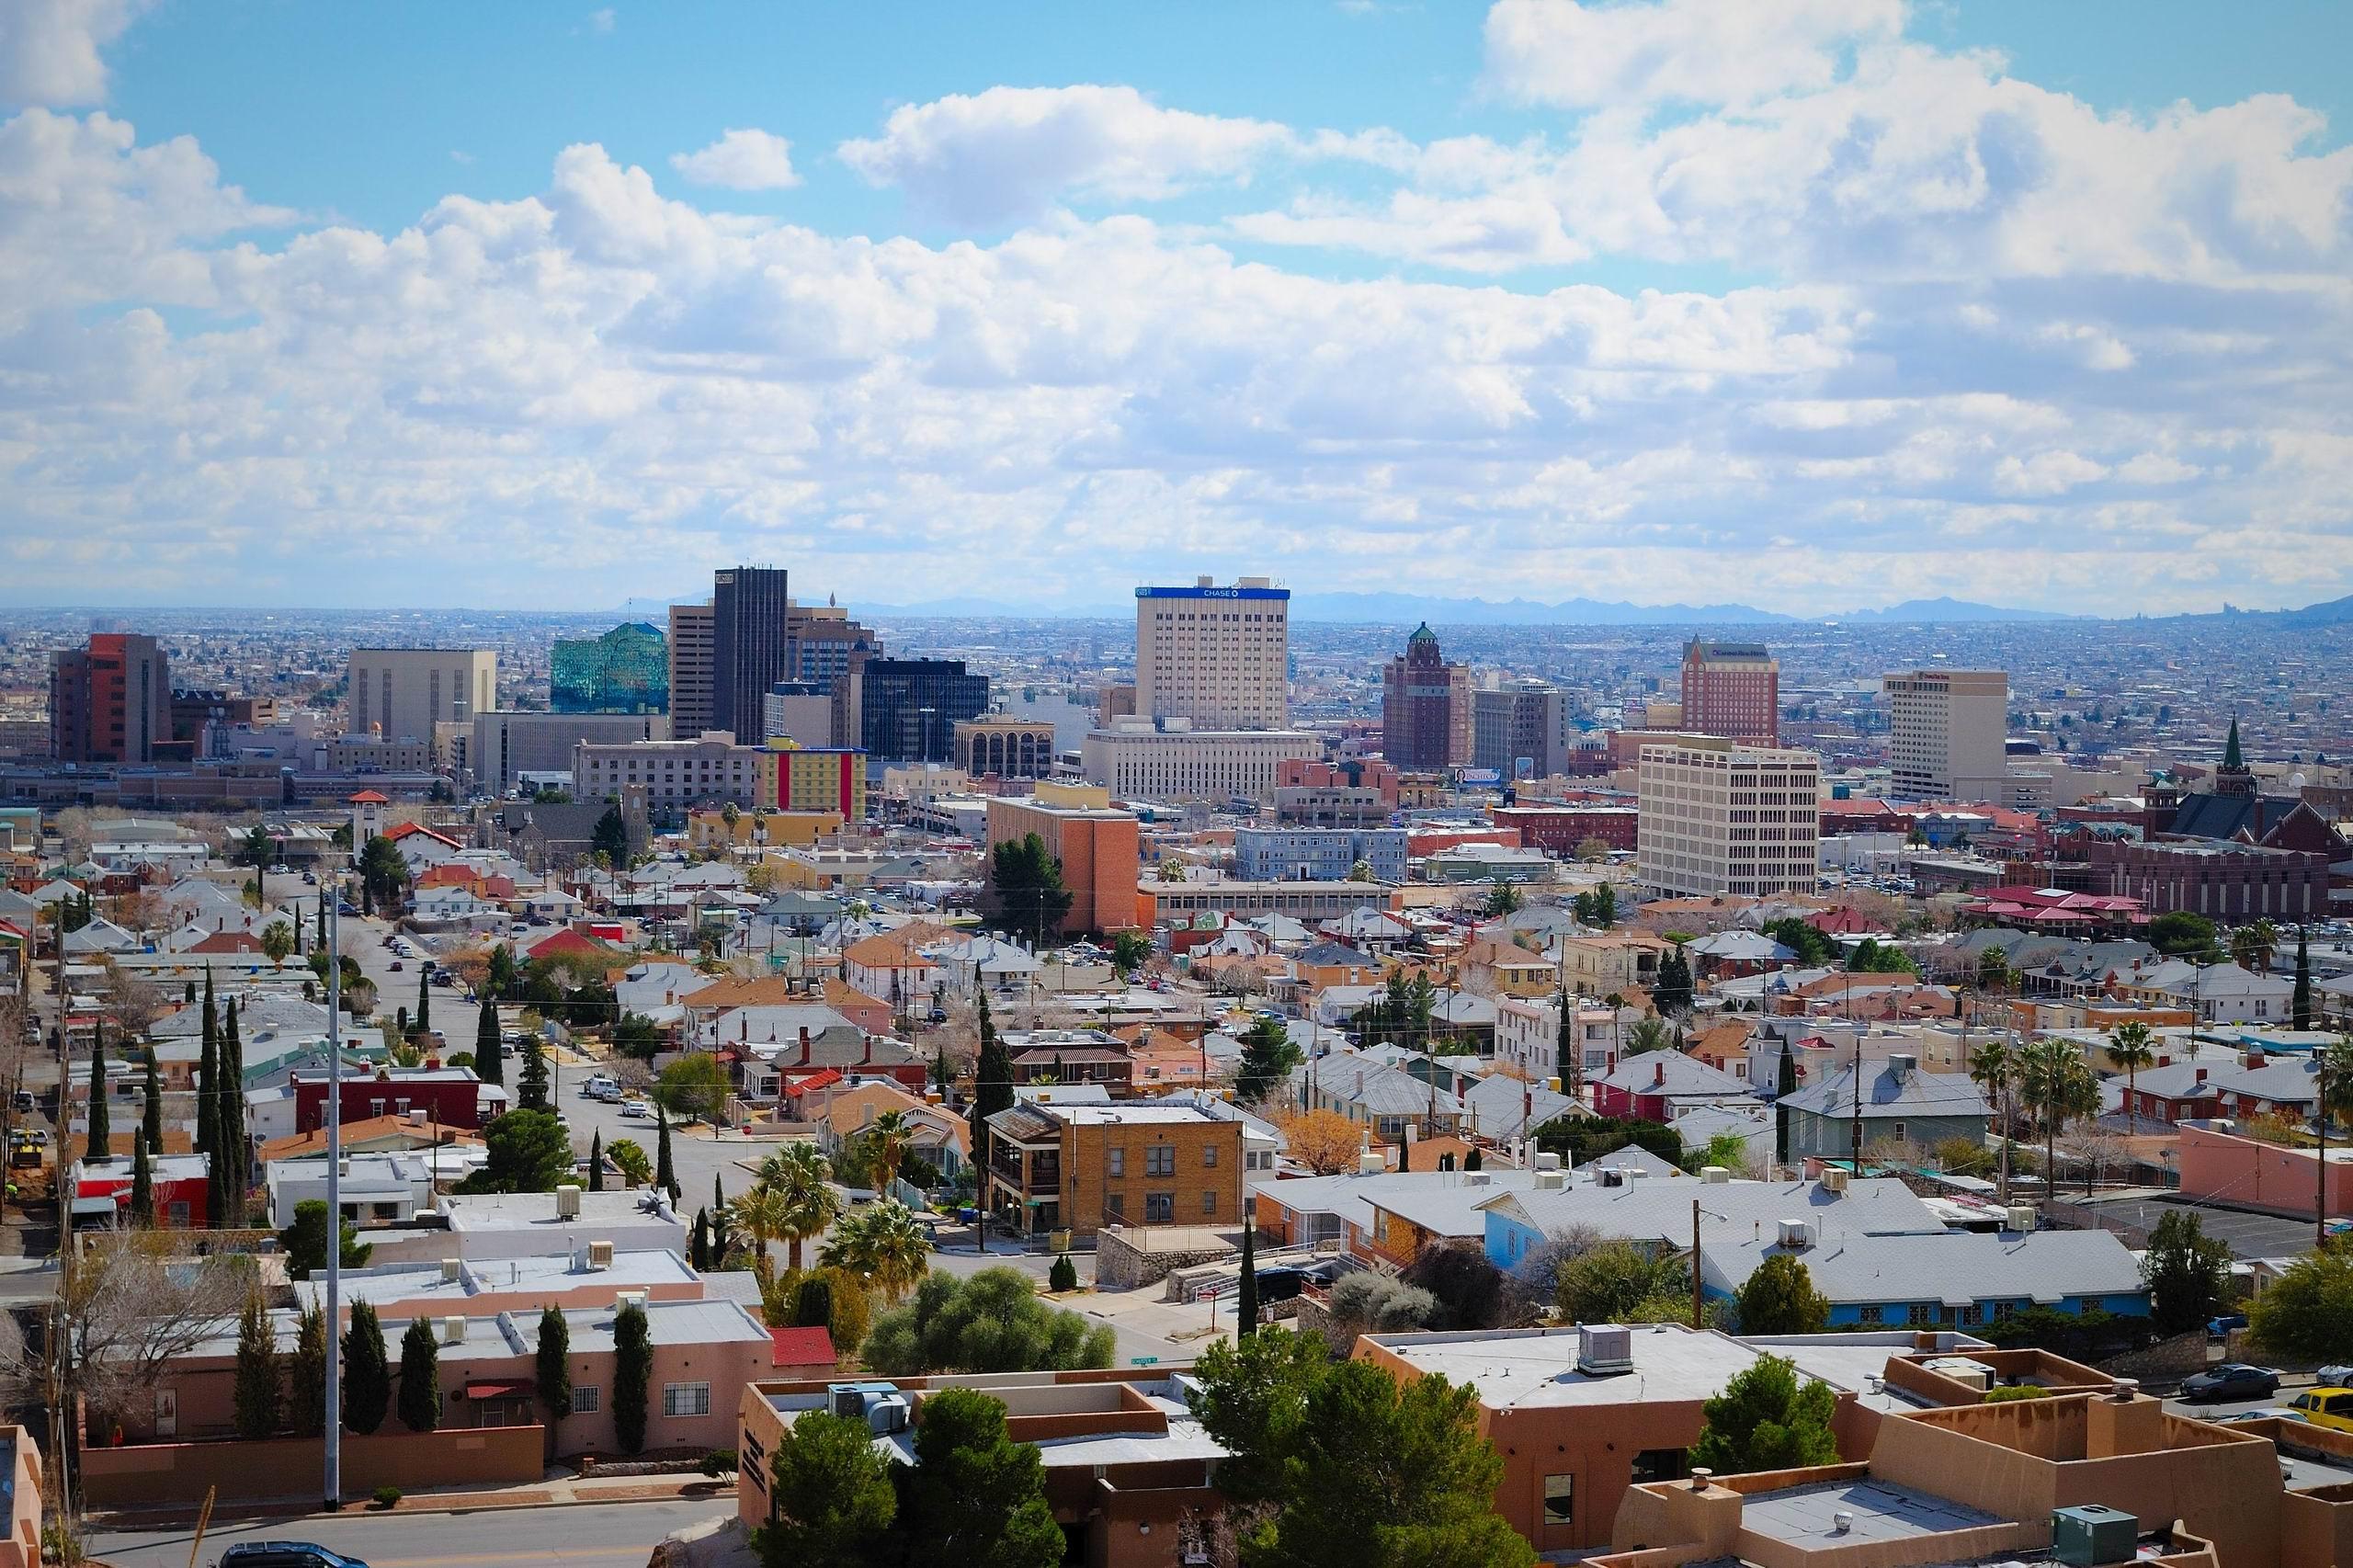 El Paso Sees Huge Food Truck Industry Growth